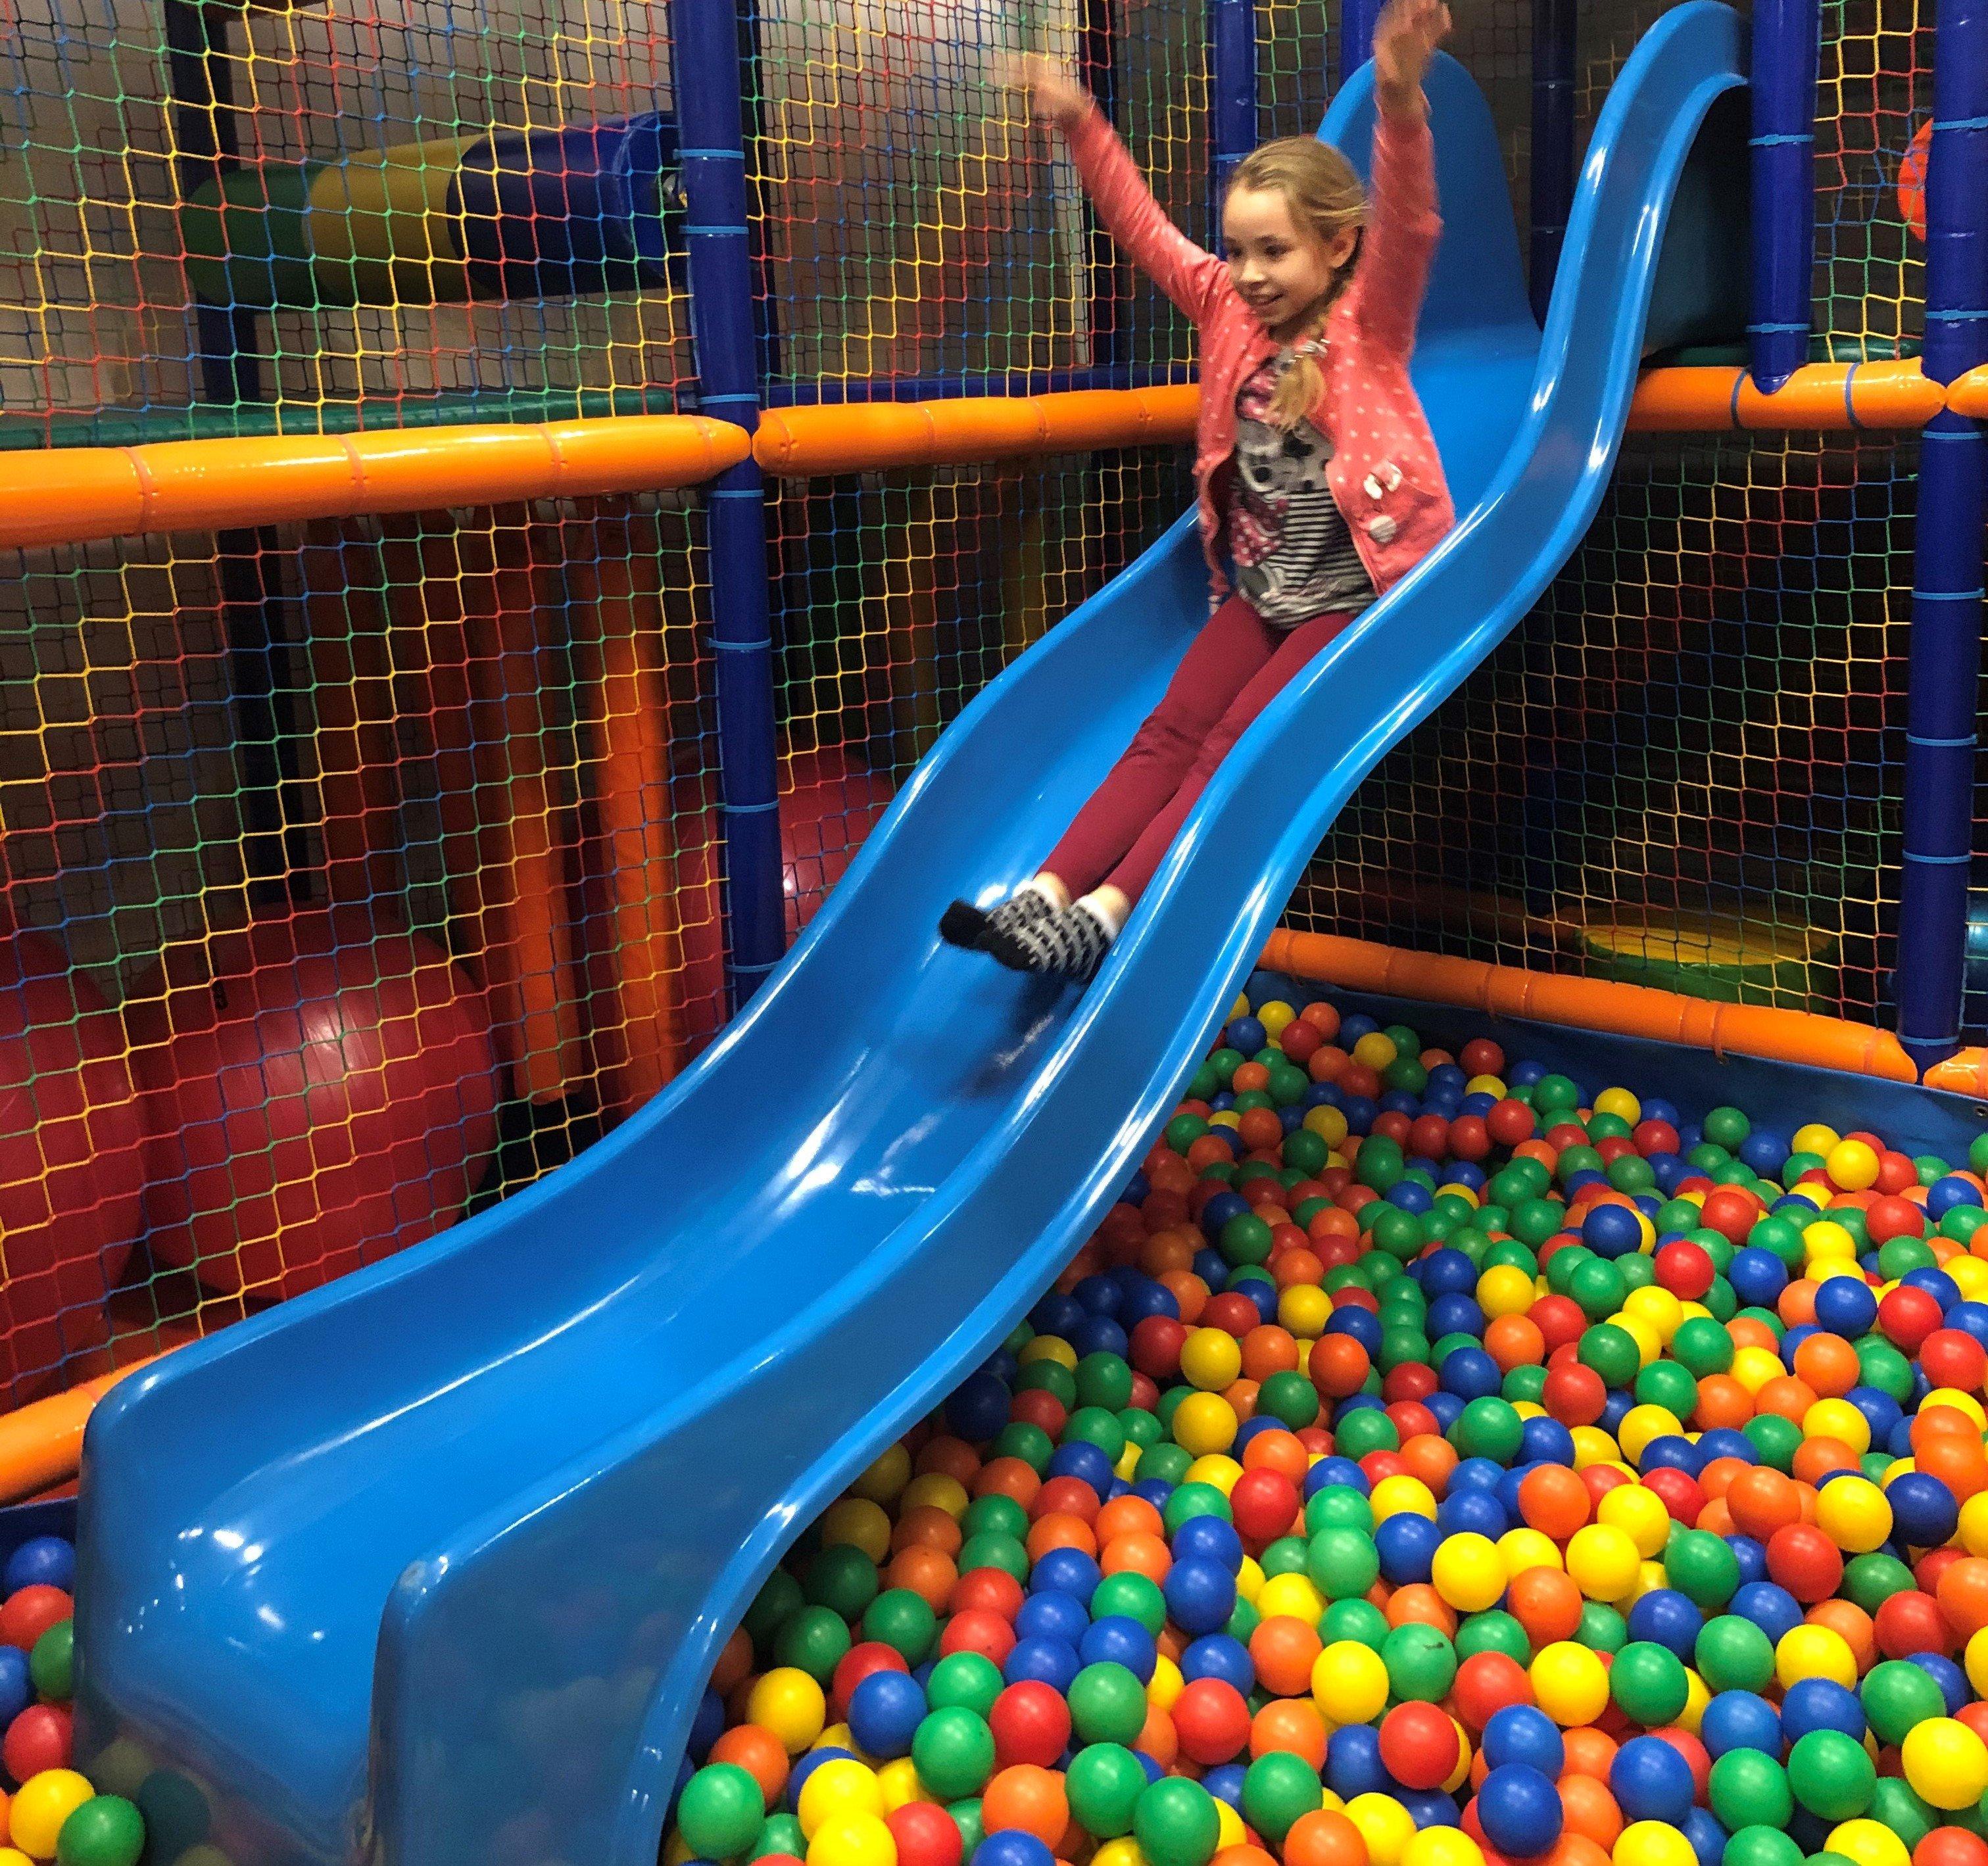 Wielkie otwarcie. Figlopark dla dzieci od 15 grudnia w Andrychowie!